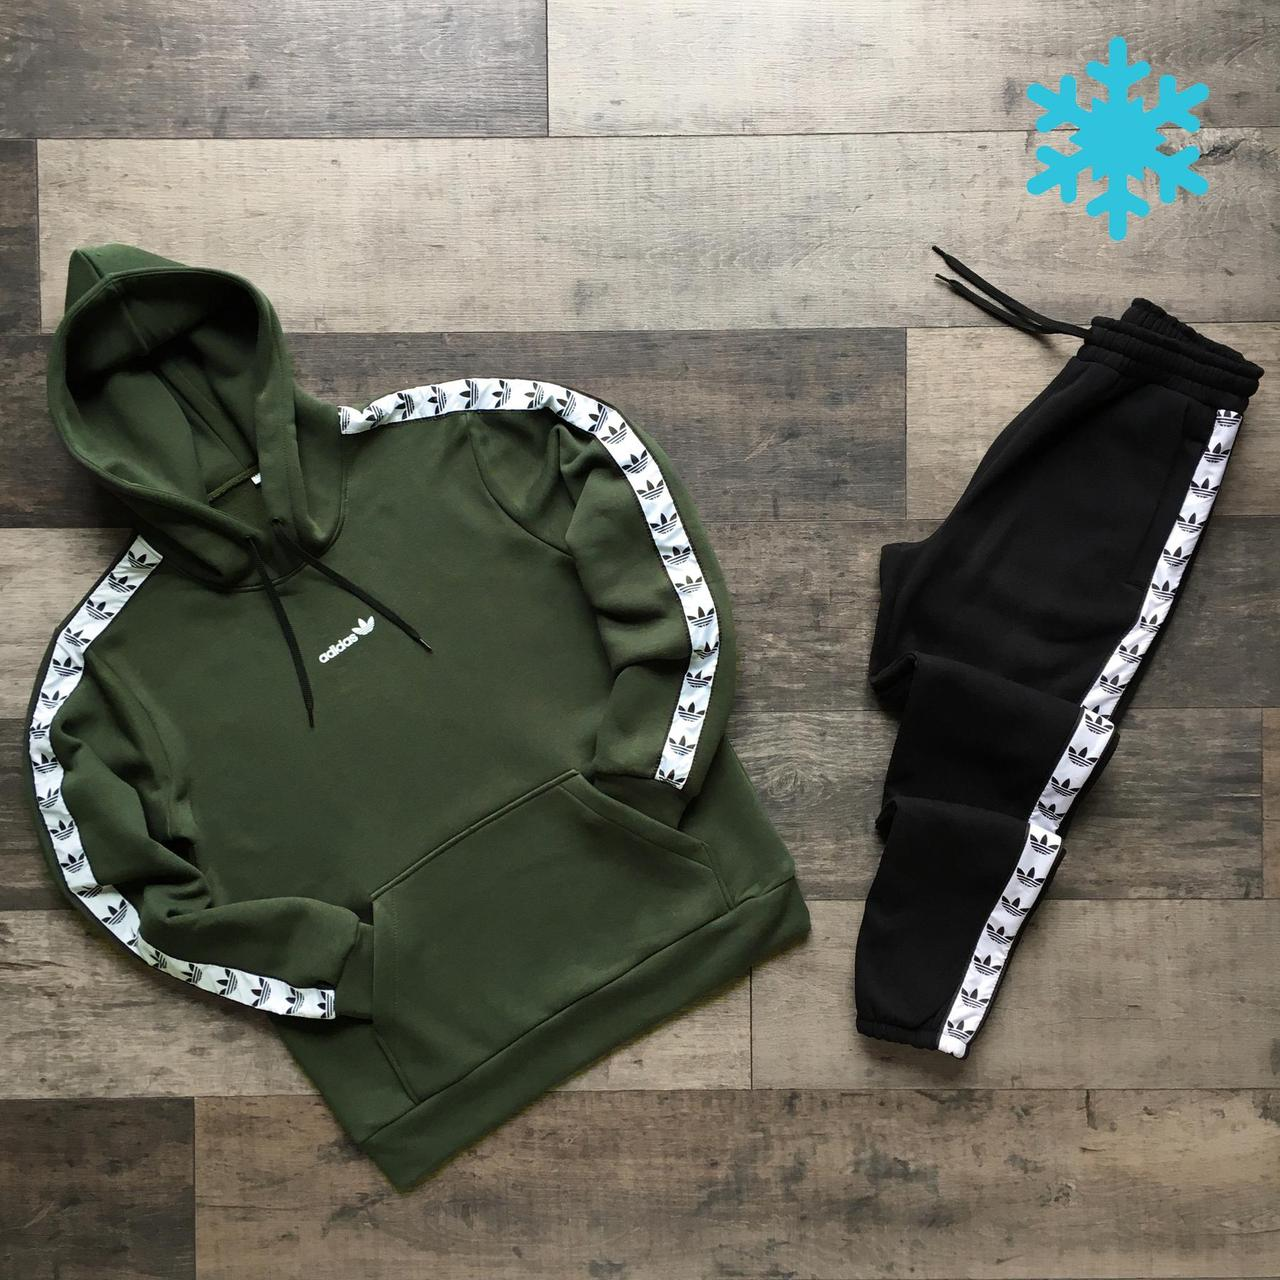 Мужской утепленный спортивный костюм Adidas, на флисе, худи - штаны весна/осень/зима